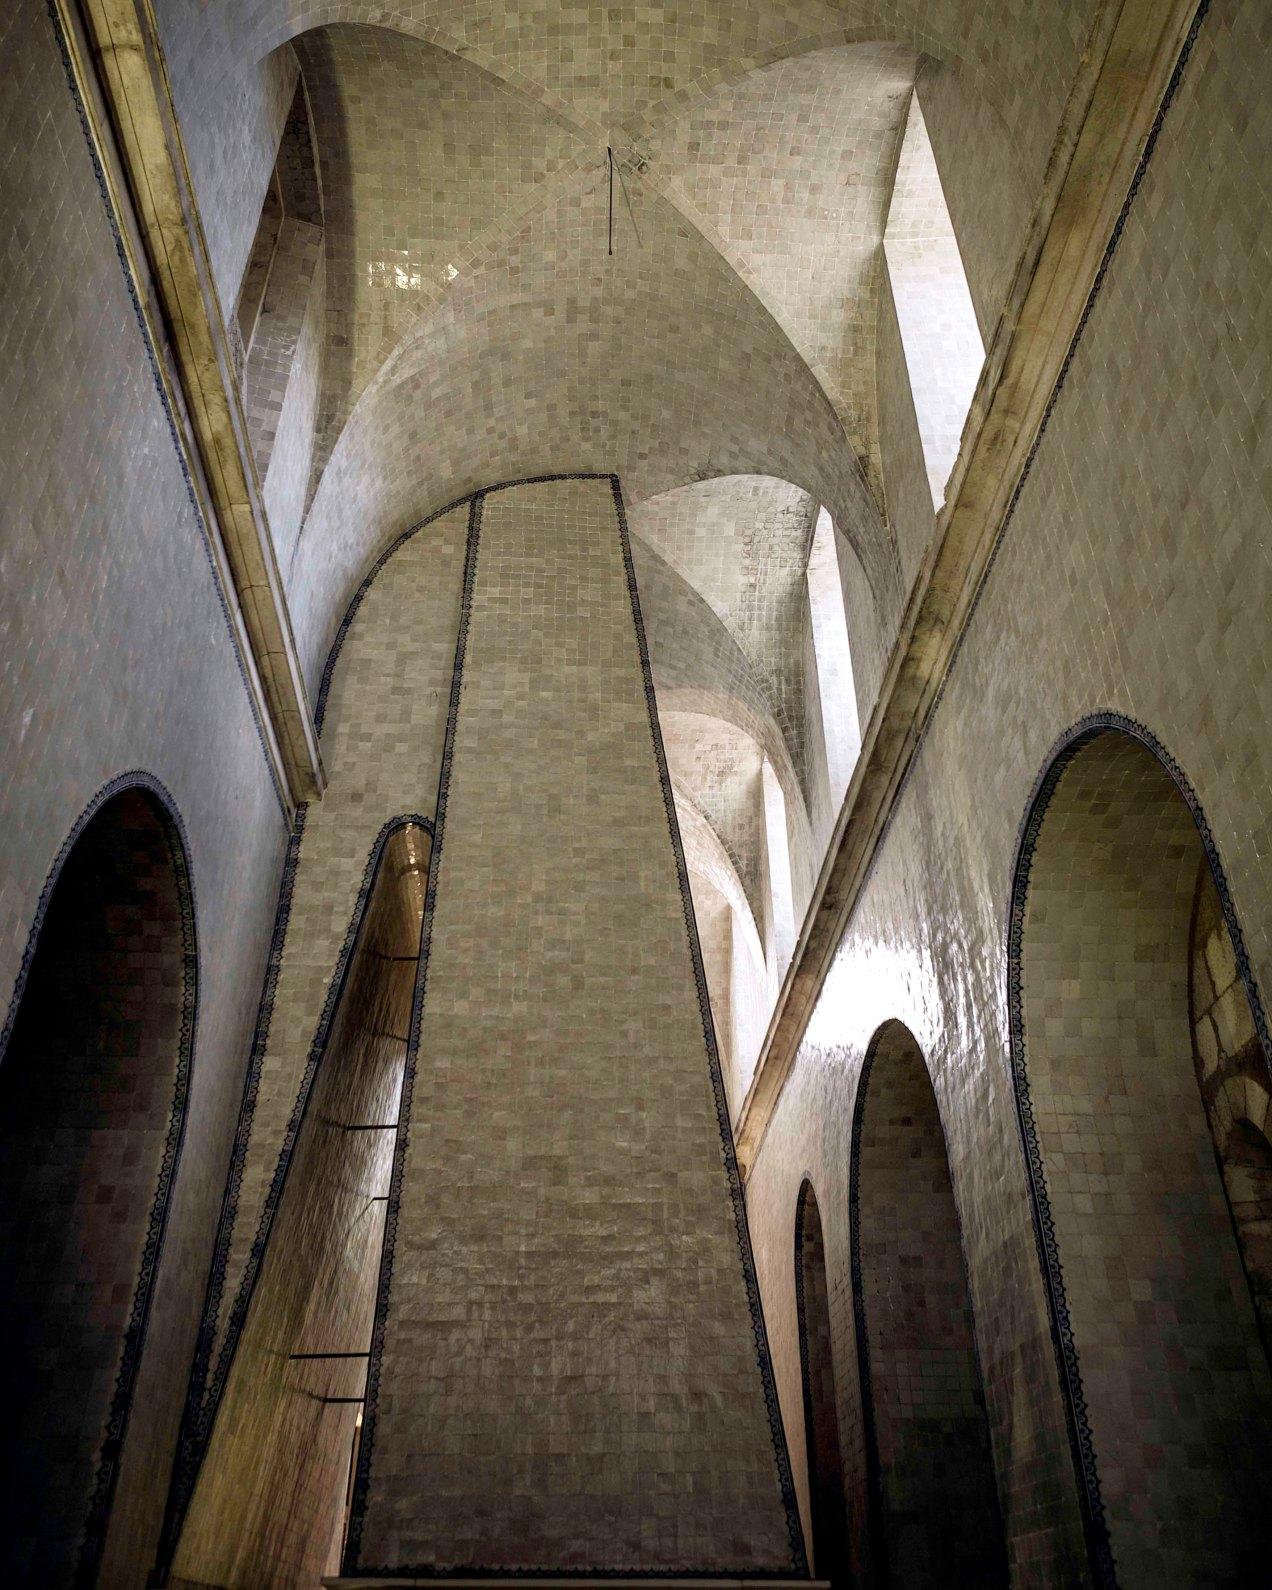 Interieur, monastère d'Alcobaca, gildalliere, 2007